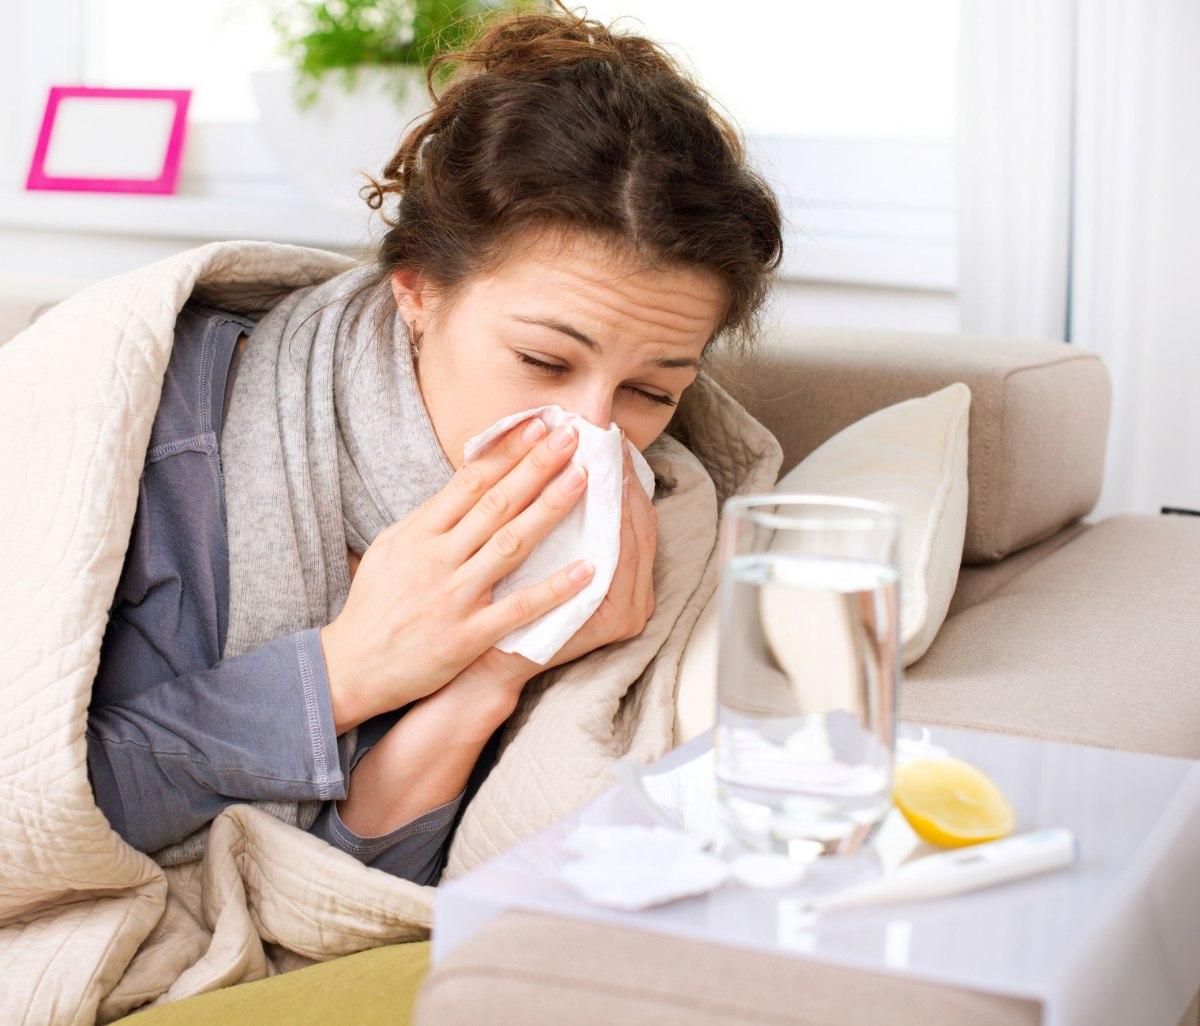 Resfriado – Tratamento comAcupuntura